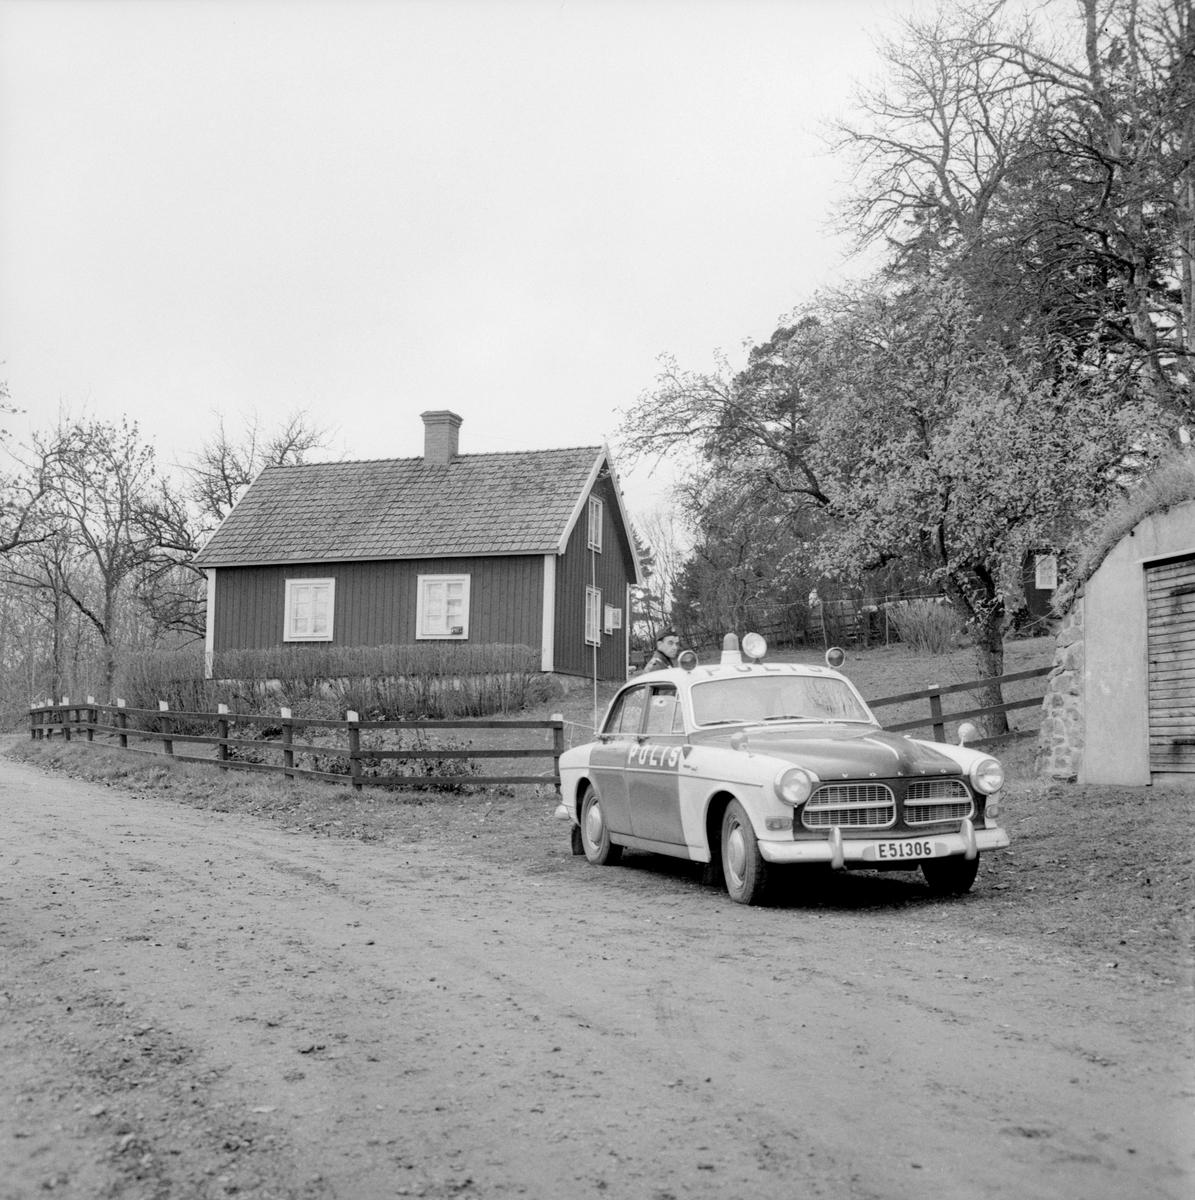 Fredagen den 13 november 1964 råder det förstämning i Ombergsbygden. Dagen före hade fru Karin Ström hittats strypt i hemmet Västra Djurledet, beläget vid bergets södra ände. Fru Ströms make hade efter avslutat arbete funnit sin maka död på köksgolvet och blev av polisen i förstone själv misstänkt. Brottet fick dock snabbt sin rätta lösning genom vittnesuppgifter och gediget polisarbete. En ytlig bekant till makarna Ström hade kommit på besök för att låna pengar. En dispyt hade uppstått som vidare gått överstyr.